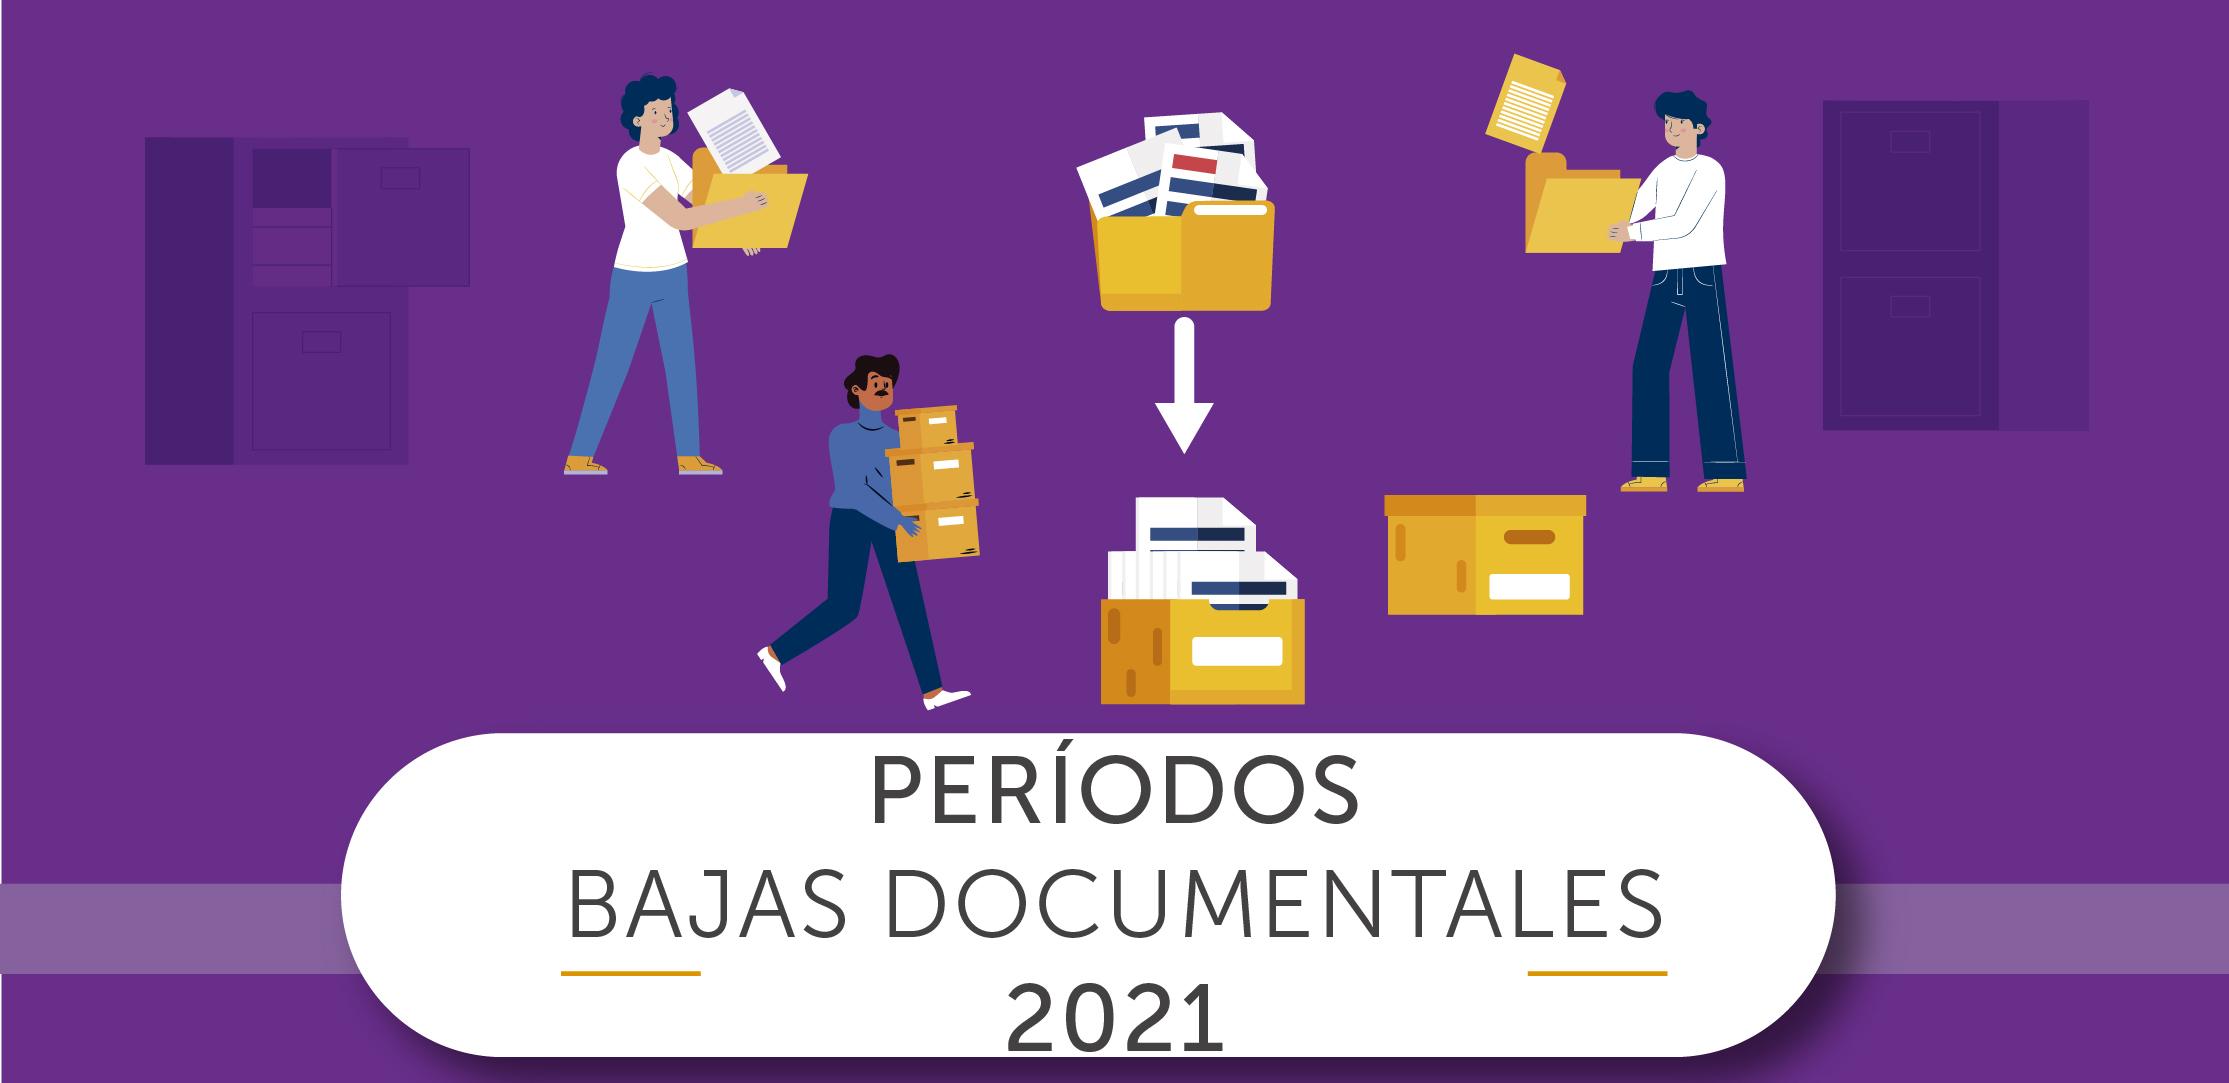 Bajas Documentales